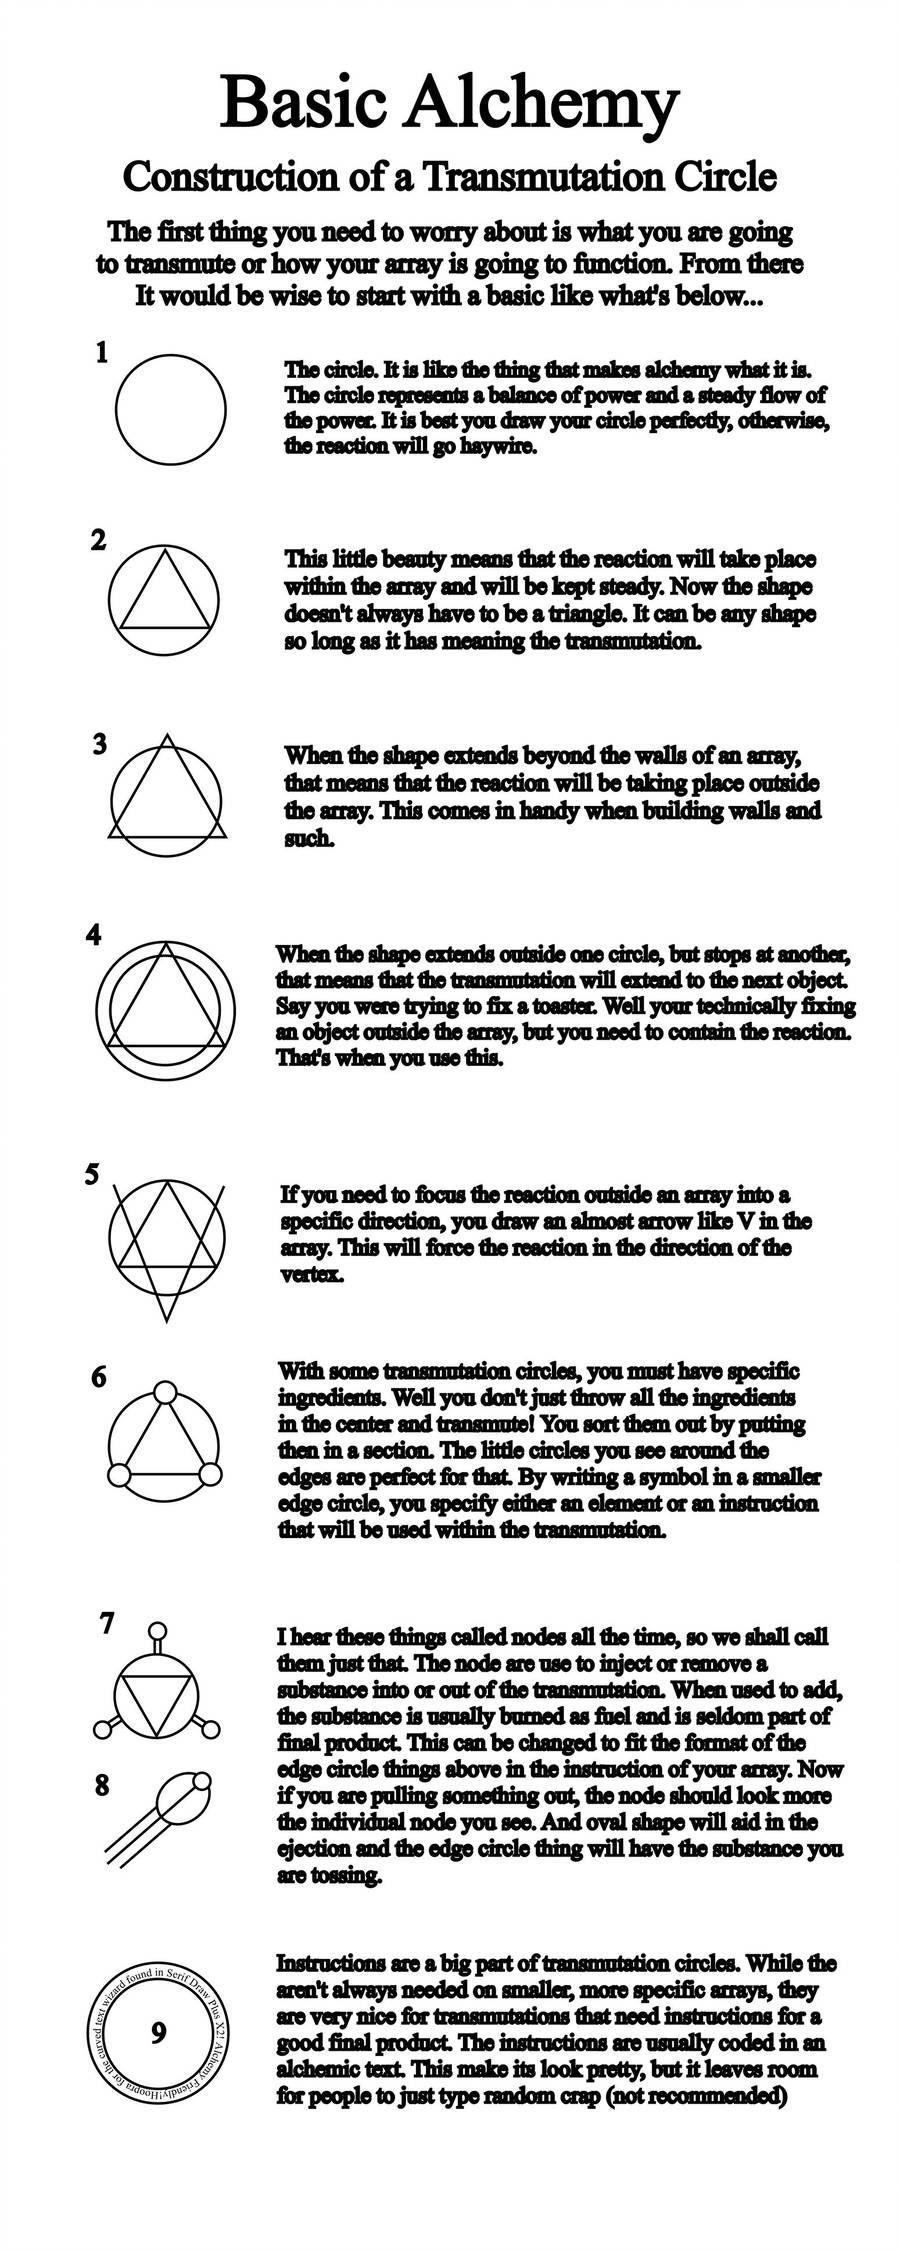 Transmutation Circle Tutorial By Notshurly Alchemy Symbols Transmutation Circle Alchemy